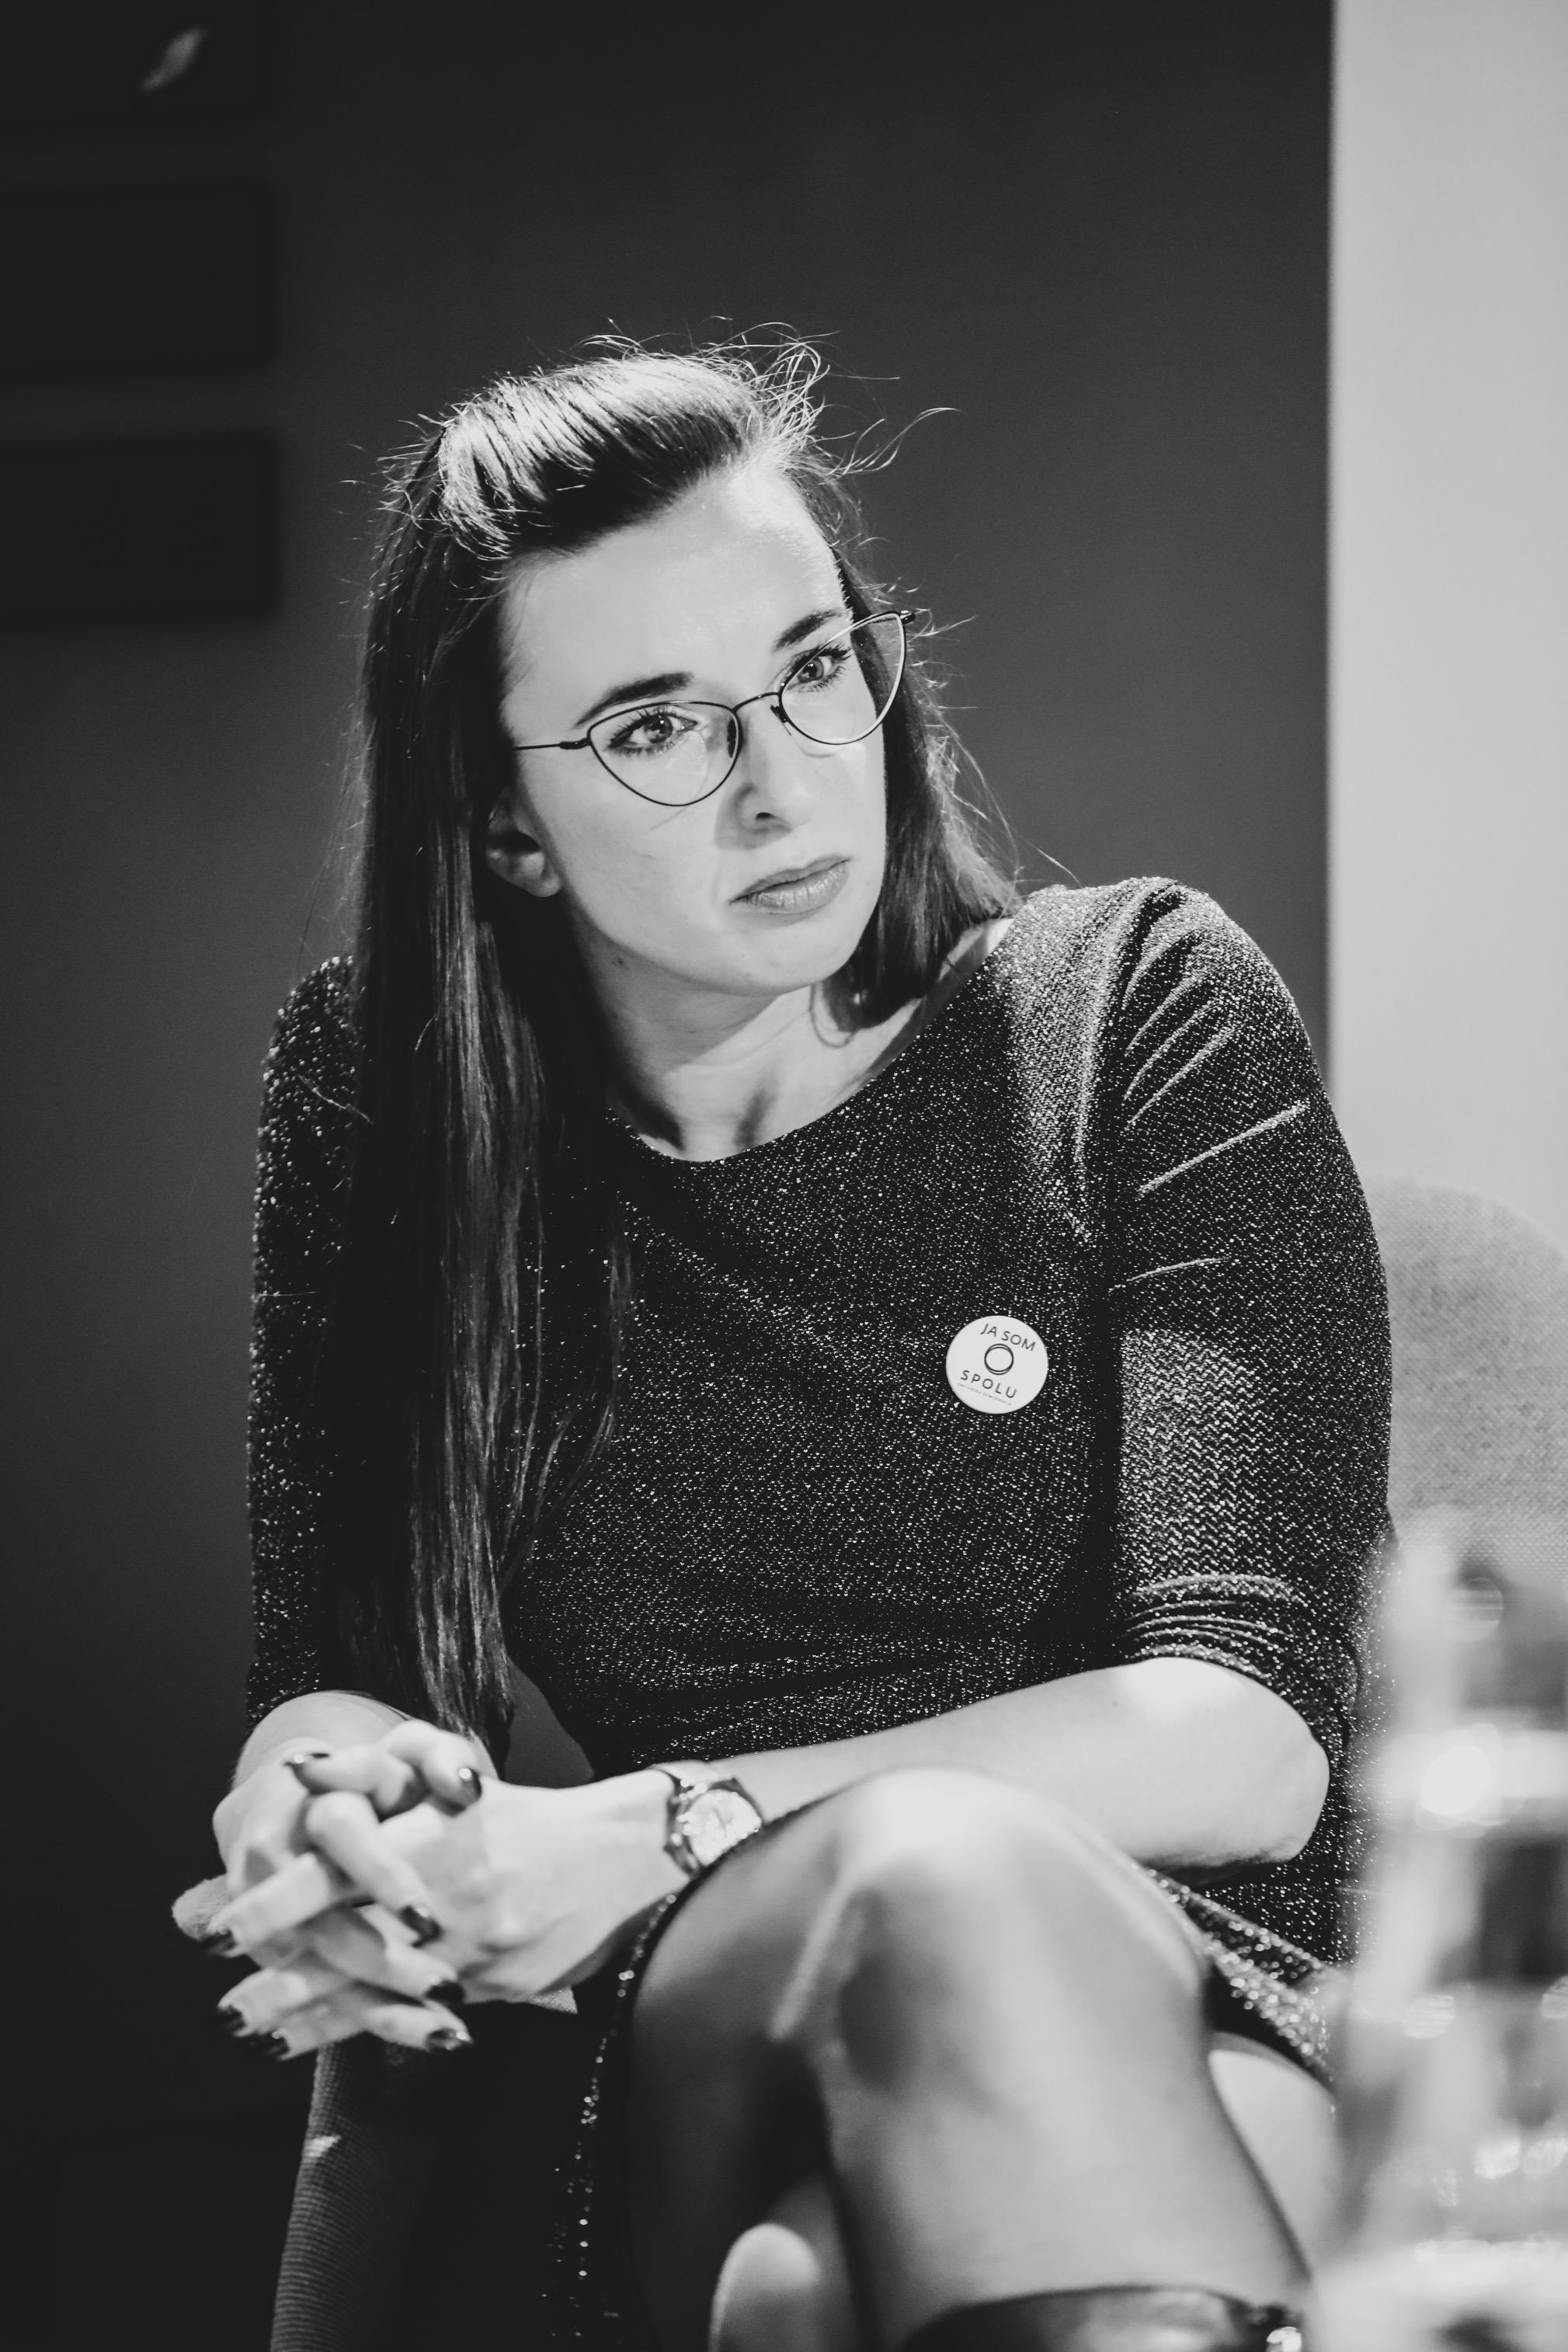 Simona Petrík, poslankyňa národnej rady Slovenskej republiky, kandidátka na europoslankyňu, ktorá sa otvorene hlási k ochrane ženských práv, foto: archív SP